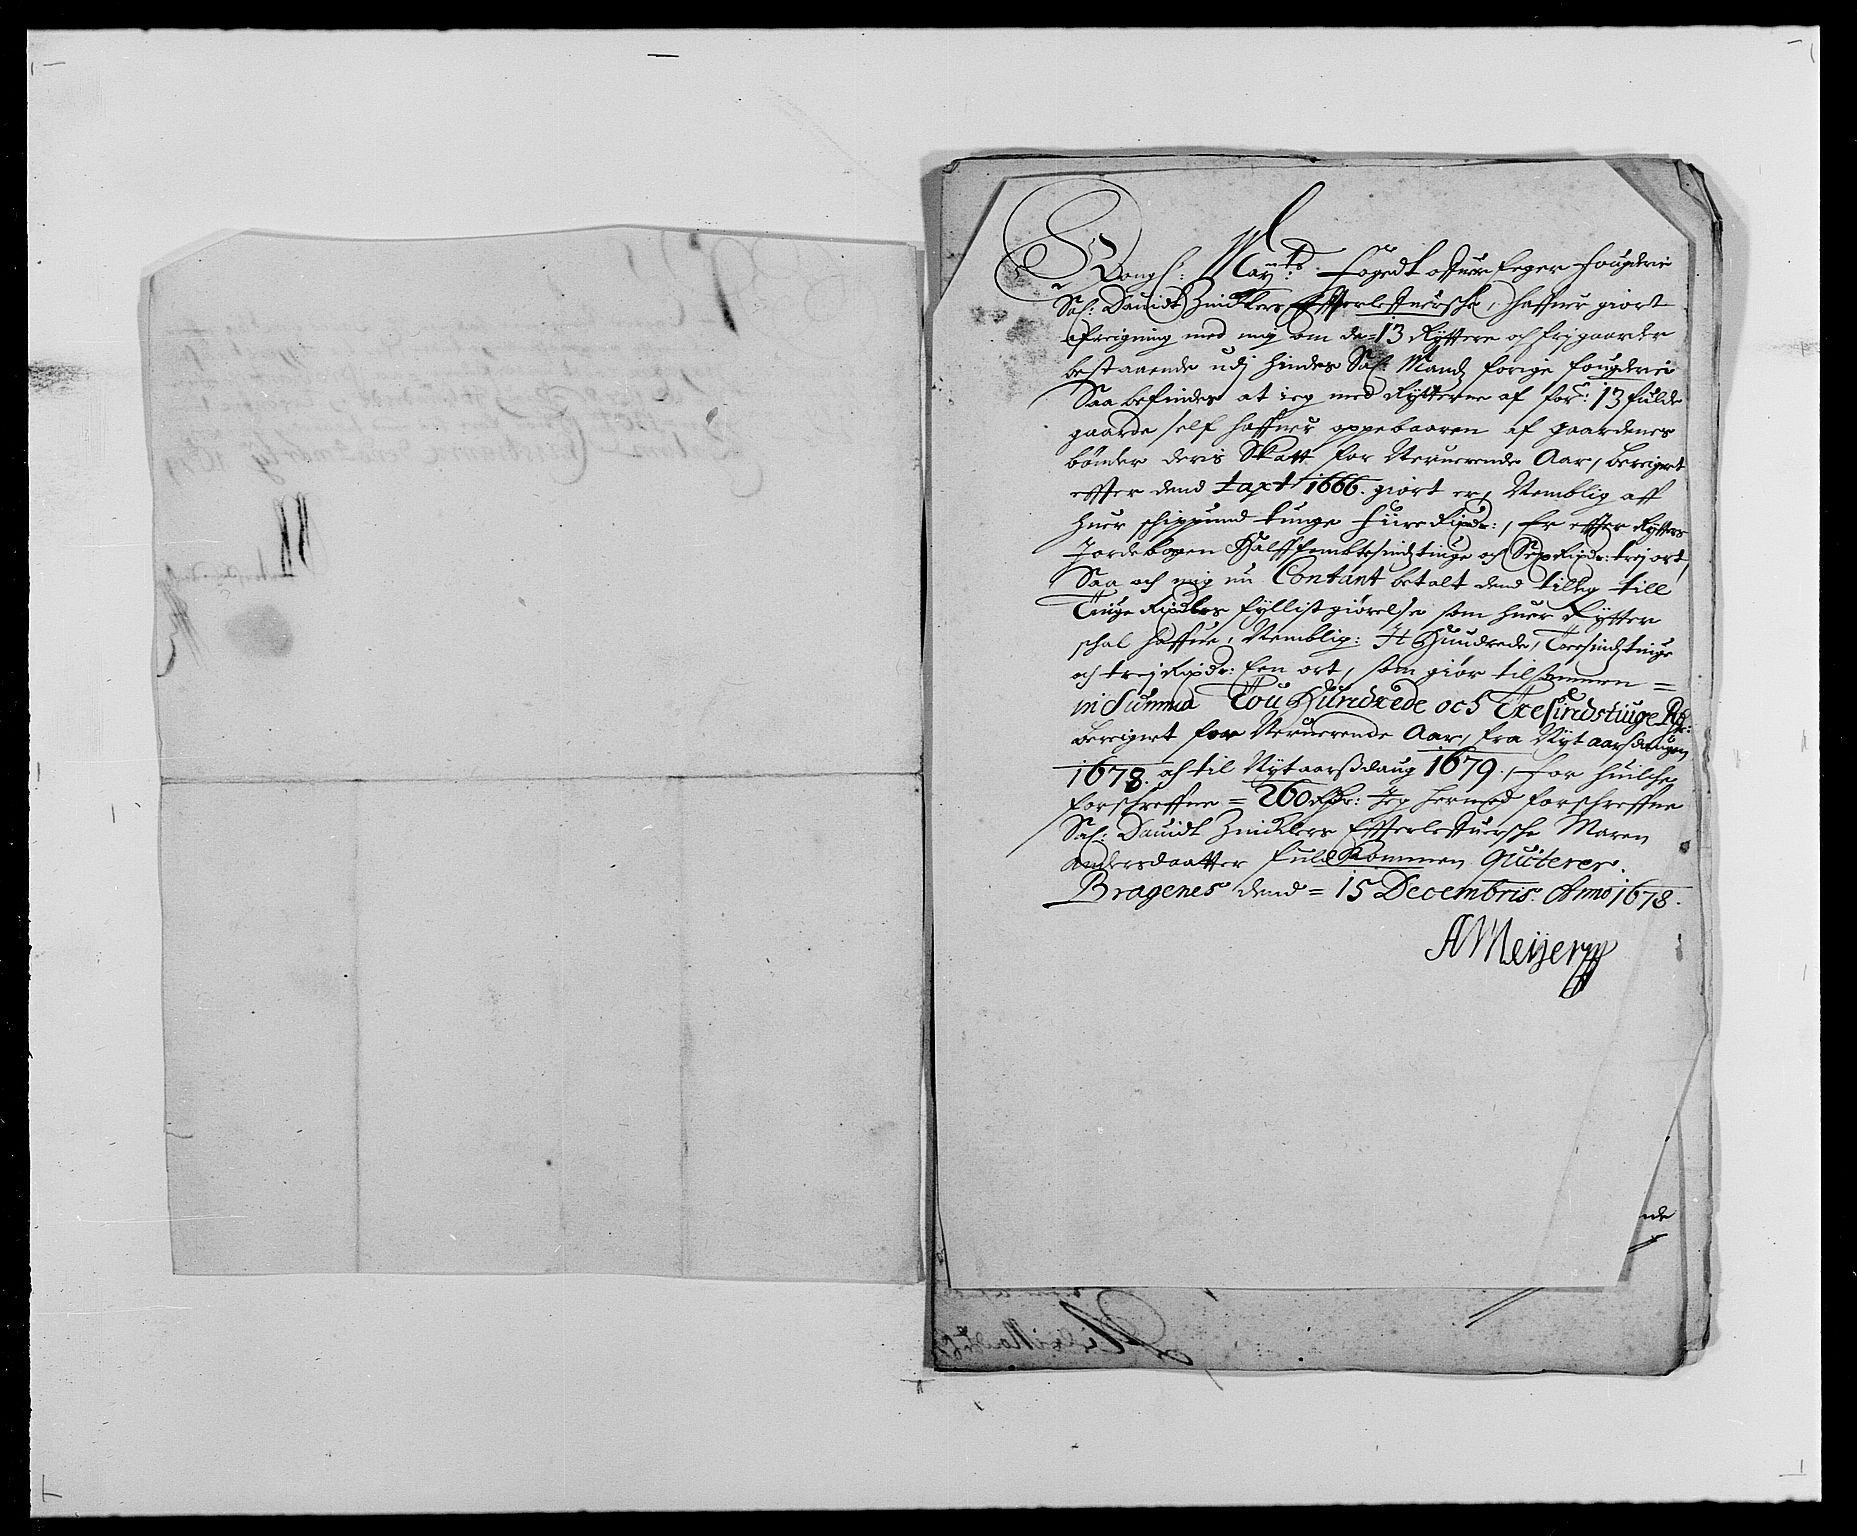 RA, Rentekammeret inntil 1814, Reviderte regnskaper, Fogderegnskap, R26/L1683: Fogderegnskap Eiker, 1678, s. 82